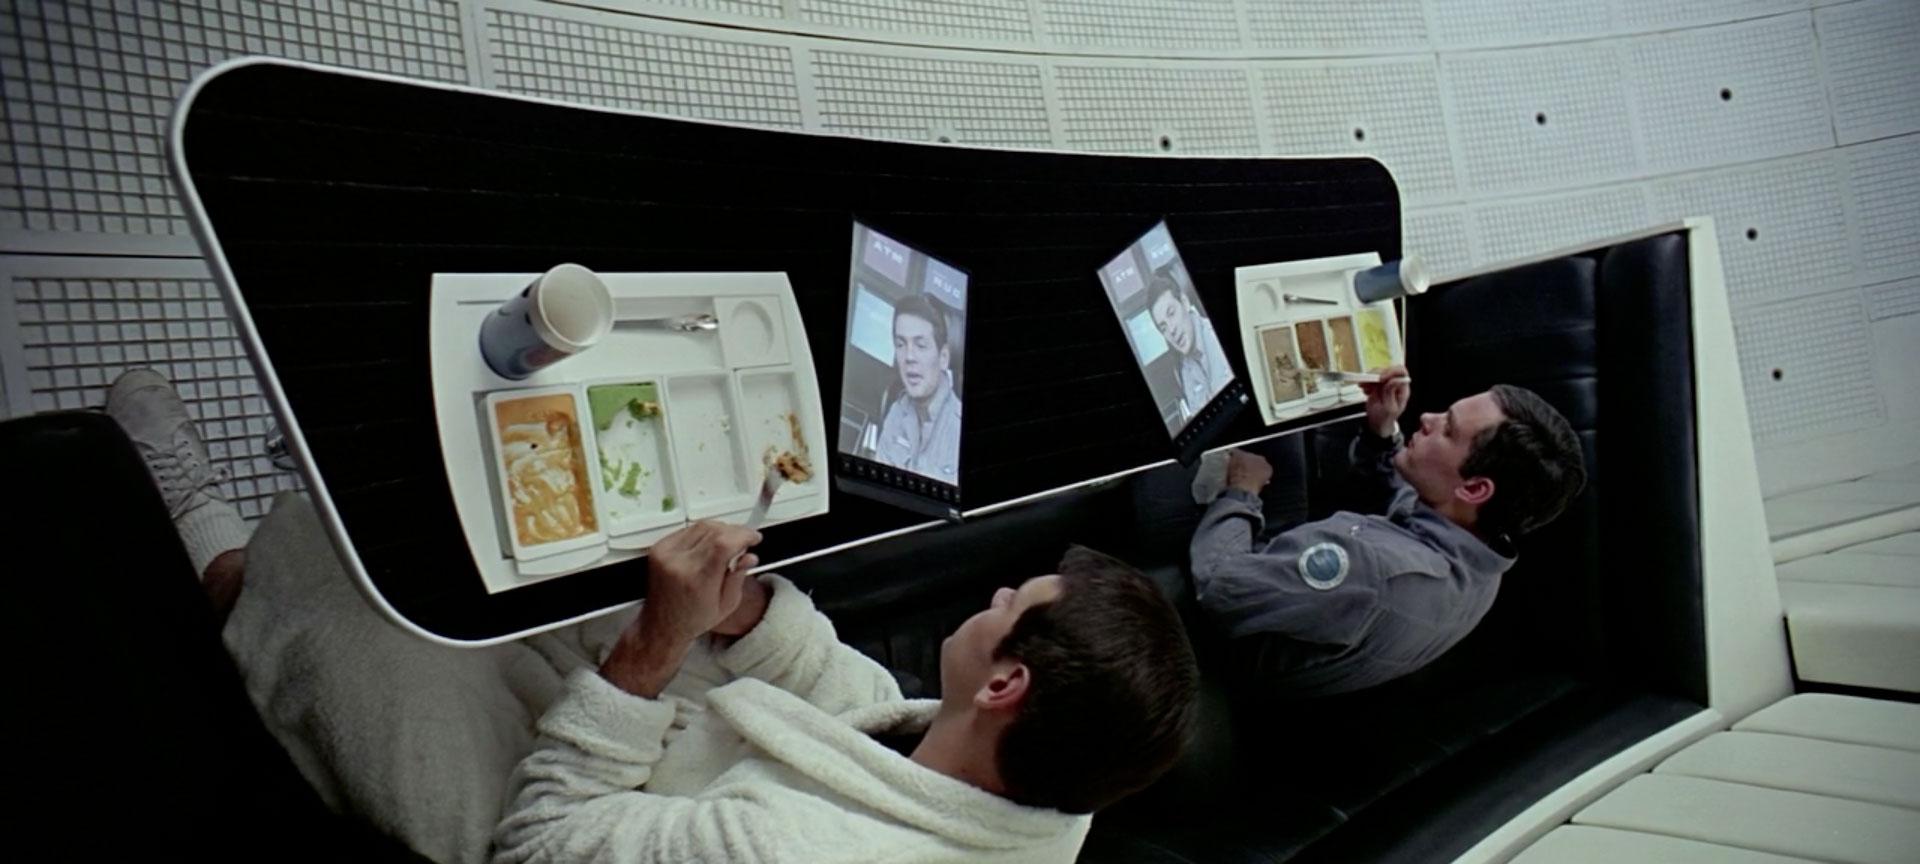 2001-Space-Odyssey-tablet-TV.jpg